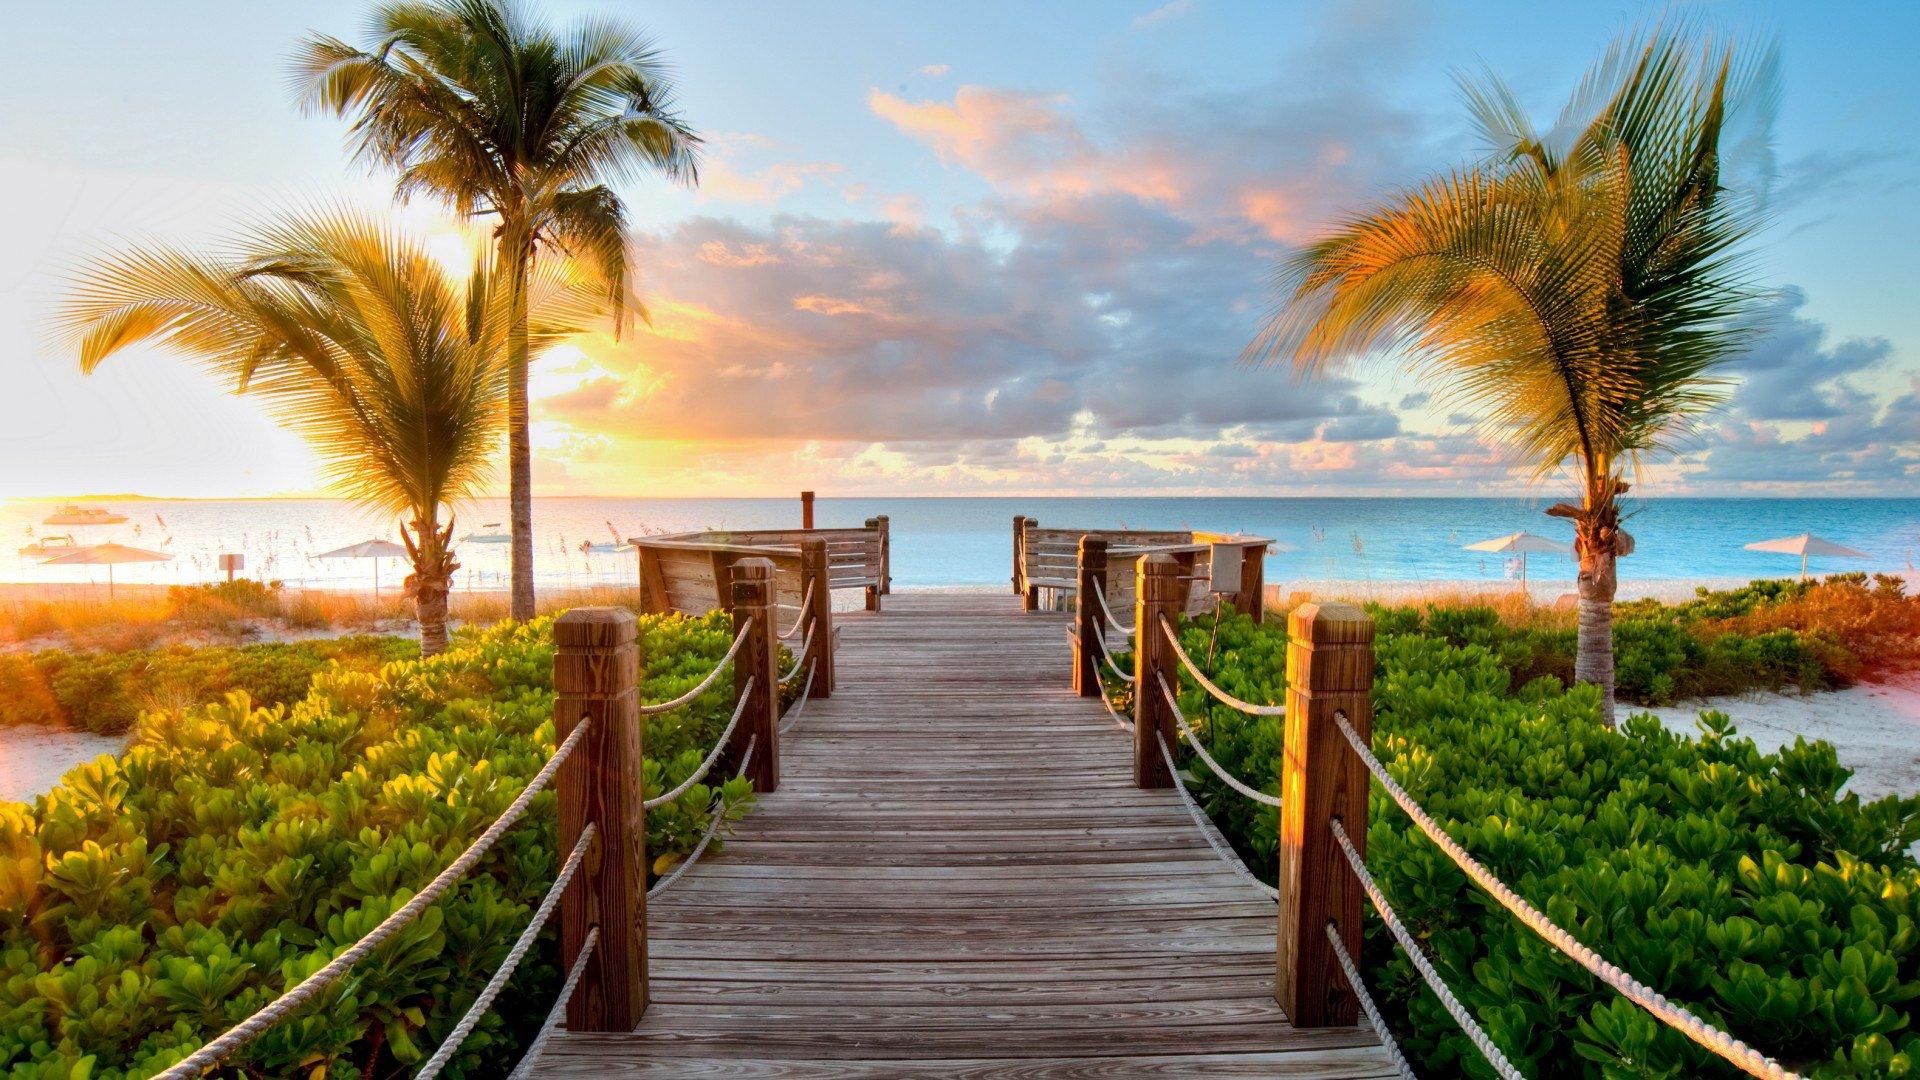 фото моря для фона